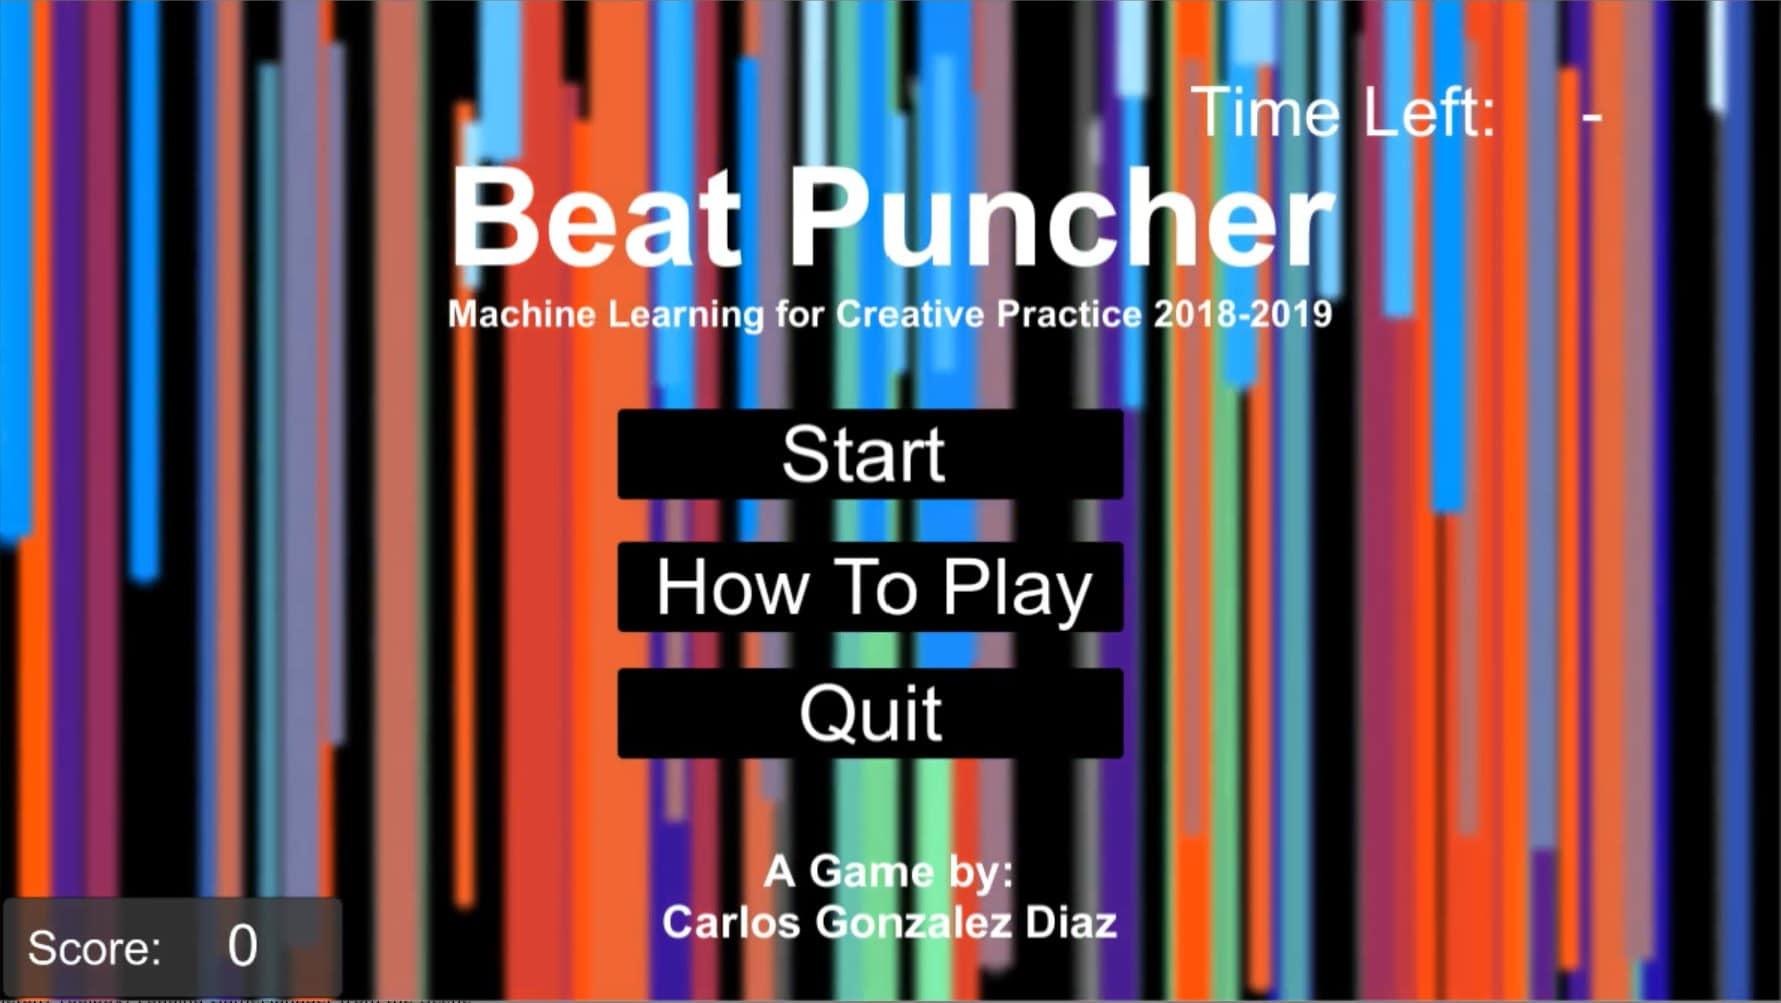 BeatPuncher_Game_01 - Carlos González Díaz